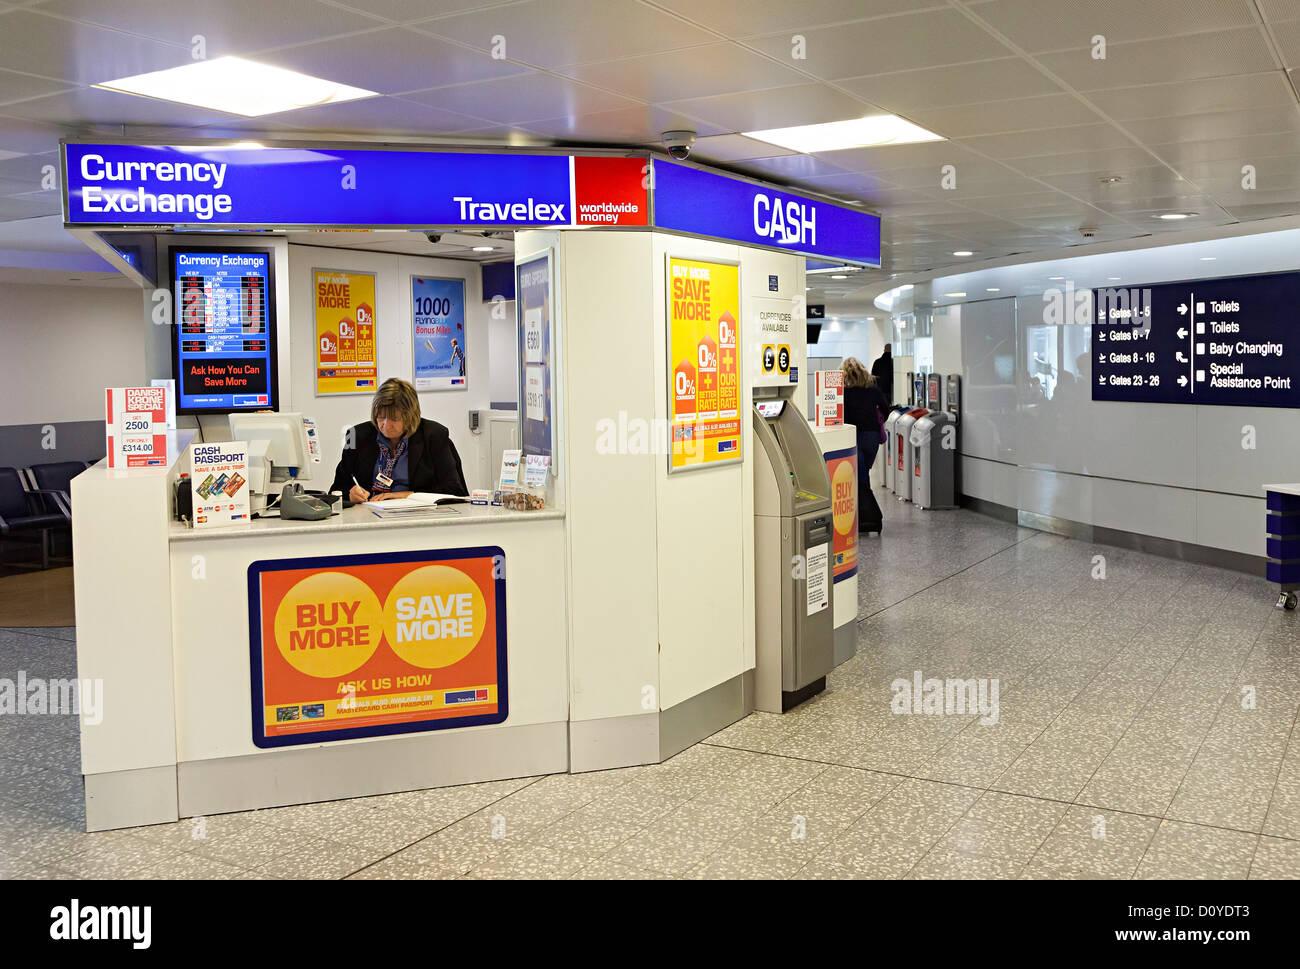 Bureau De Change Bristol Airport